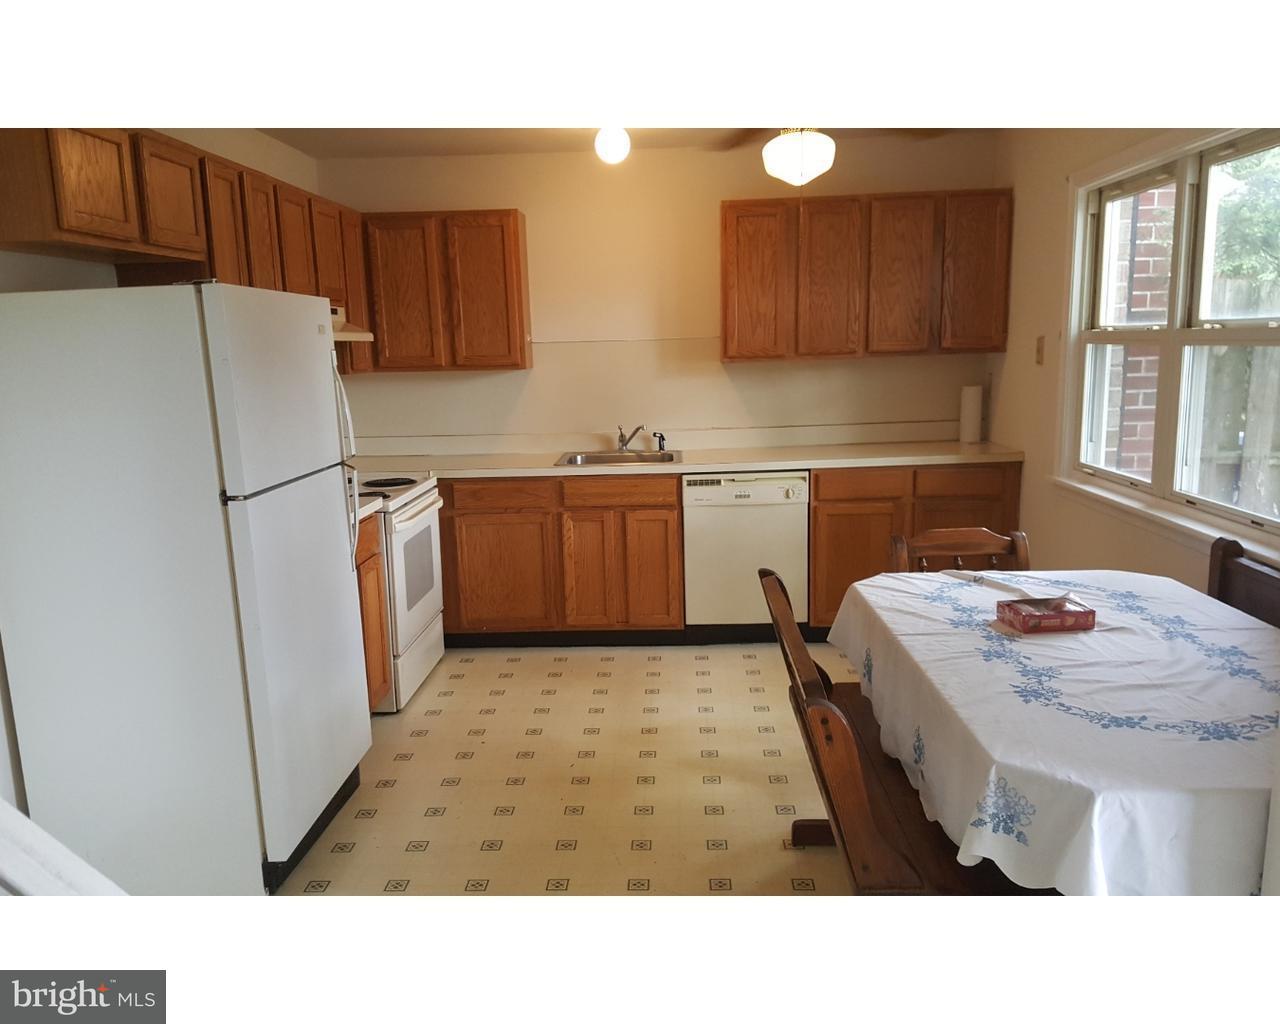 122 LINDA CT, RICHLANDTOWN - Listed at $147,900, RICHLANDTOWN